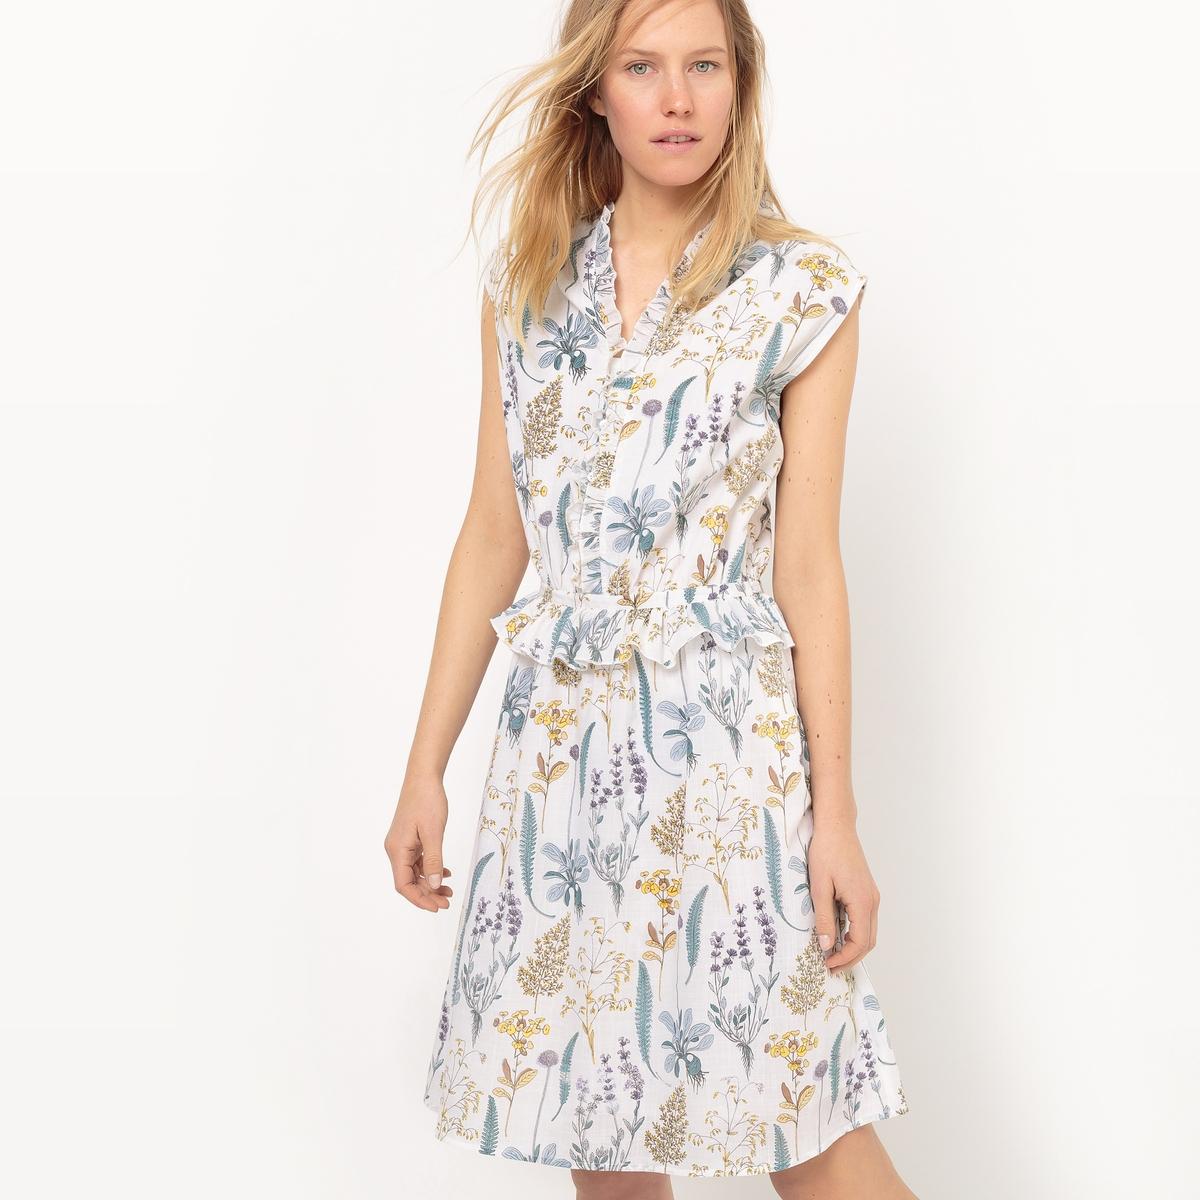 Платье длинное без рукавов, с воланамиМатериал : 100% хлопок       Длина рукава : без рукавов       Форма воротника : V-образный вырез      Покрой платья : расклешенное платье      Рисунок : цветочный       Особенность платья : волан      Длина платья : длинная      Стирка : машинная стирка при 30 °С в деликатном режиме      Уход: : сухая чистка и отбеливание запрещены      Машинная сушка : запрещена      Глажка : при умеренной температуре<br><br>Цвет: цветочный рисунок<br>Размер: 36 (FR) - 42 (RUS).40 (FR) - 46 (RUS).34 (FR) - 40 (RUS).38 (FR) - 44 (RUS).44 (FR) - 50 (RUS).48 (FR) - 54 (RUS).46 (FR) - 52 (RUS).42 (FR) - 48 (RUS)